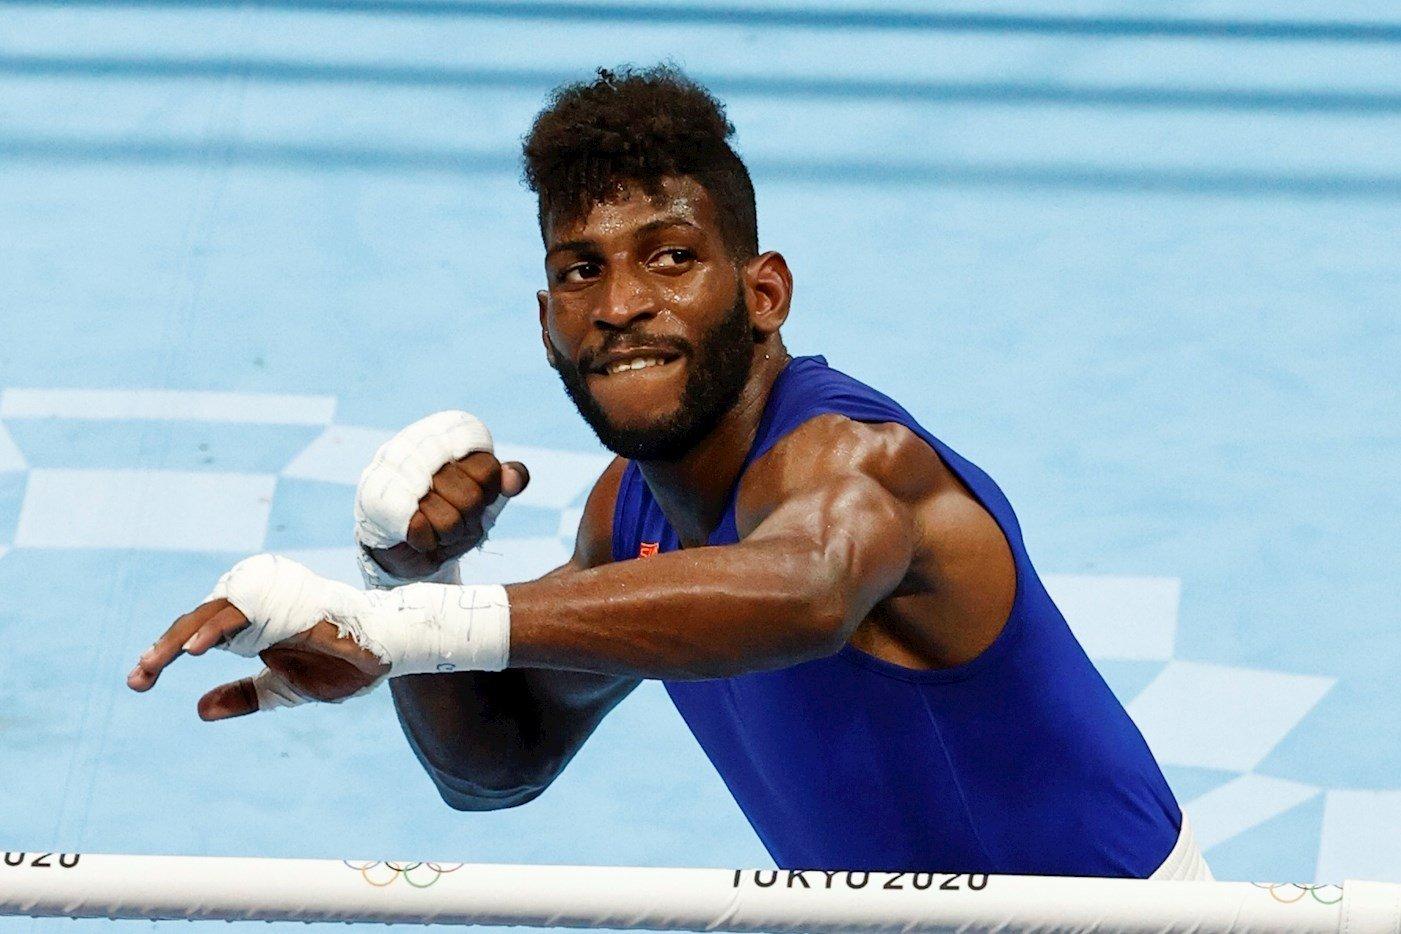 Der kubanische Boxer Andy Cruz | Bildquelle: https://t1p.de/hp20 © EFE/Jose Méndez | Bilder sind in der Regel urheberrechtlich geschützt